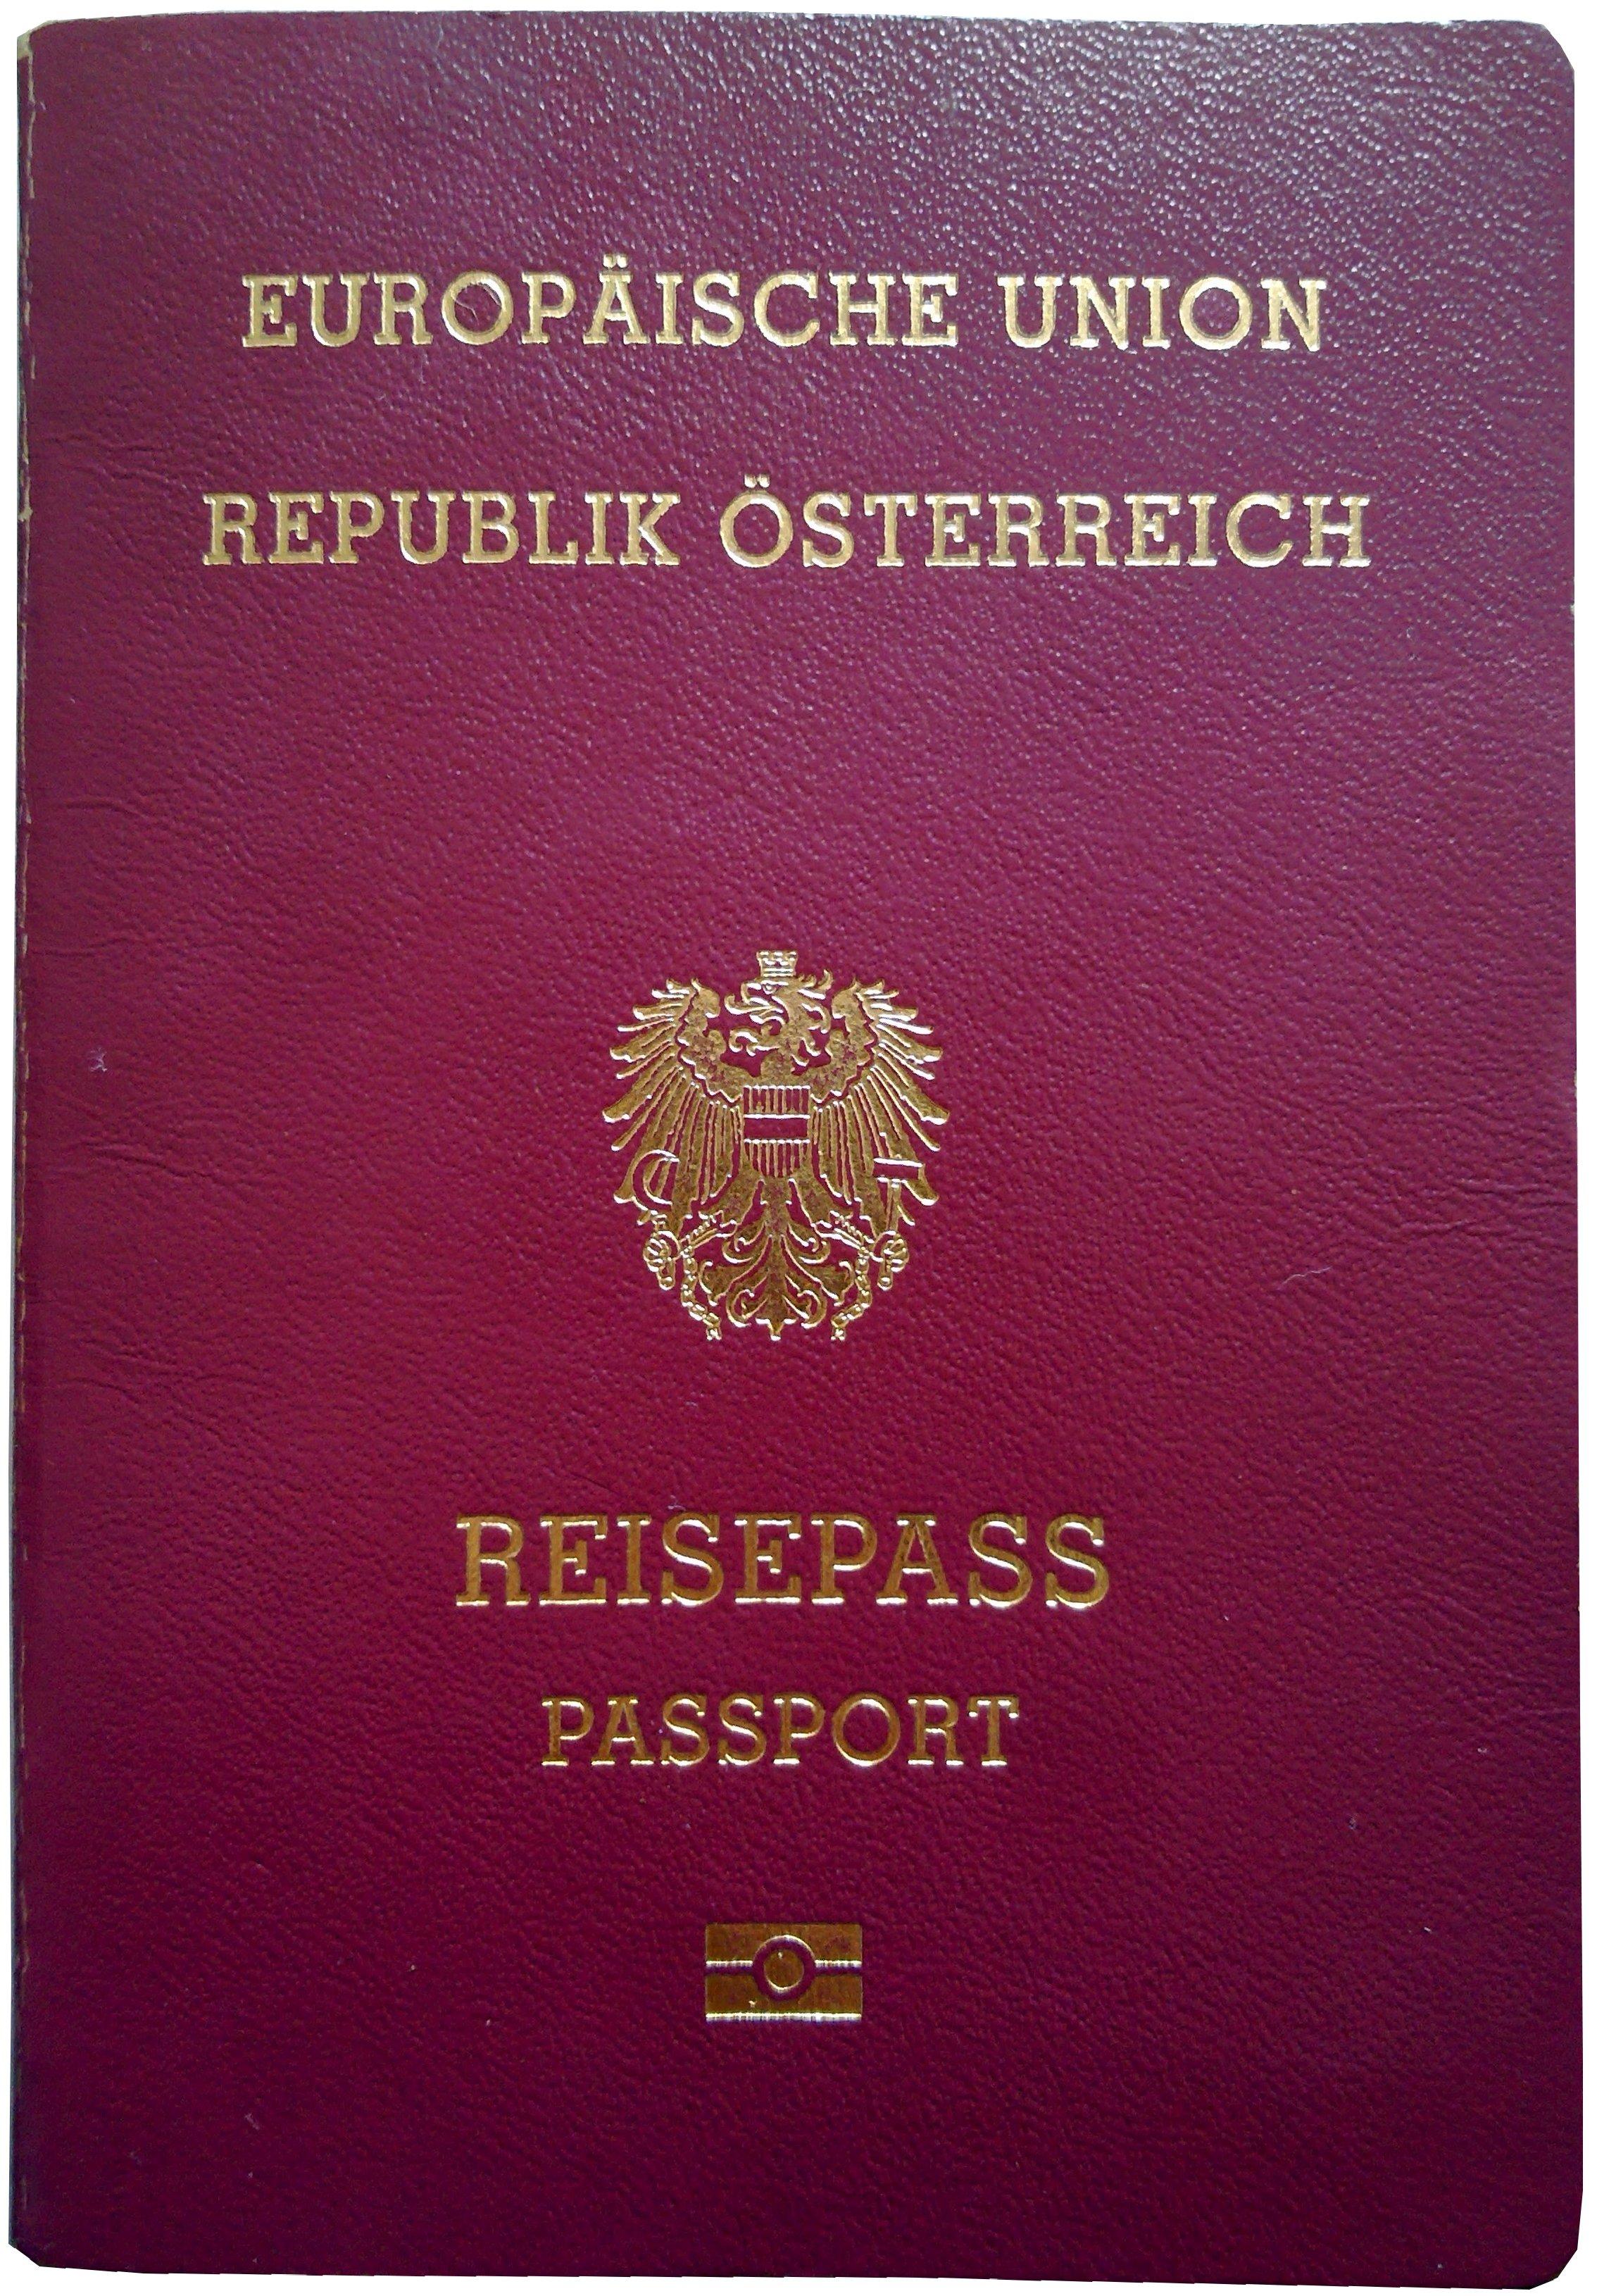 بالصور صور جواز سفر , اشكال جوازات السفر لاكثر من بلد 5016 11